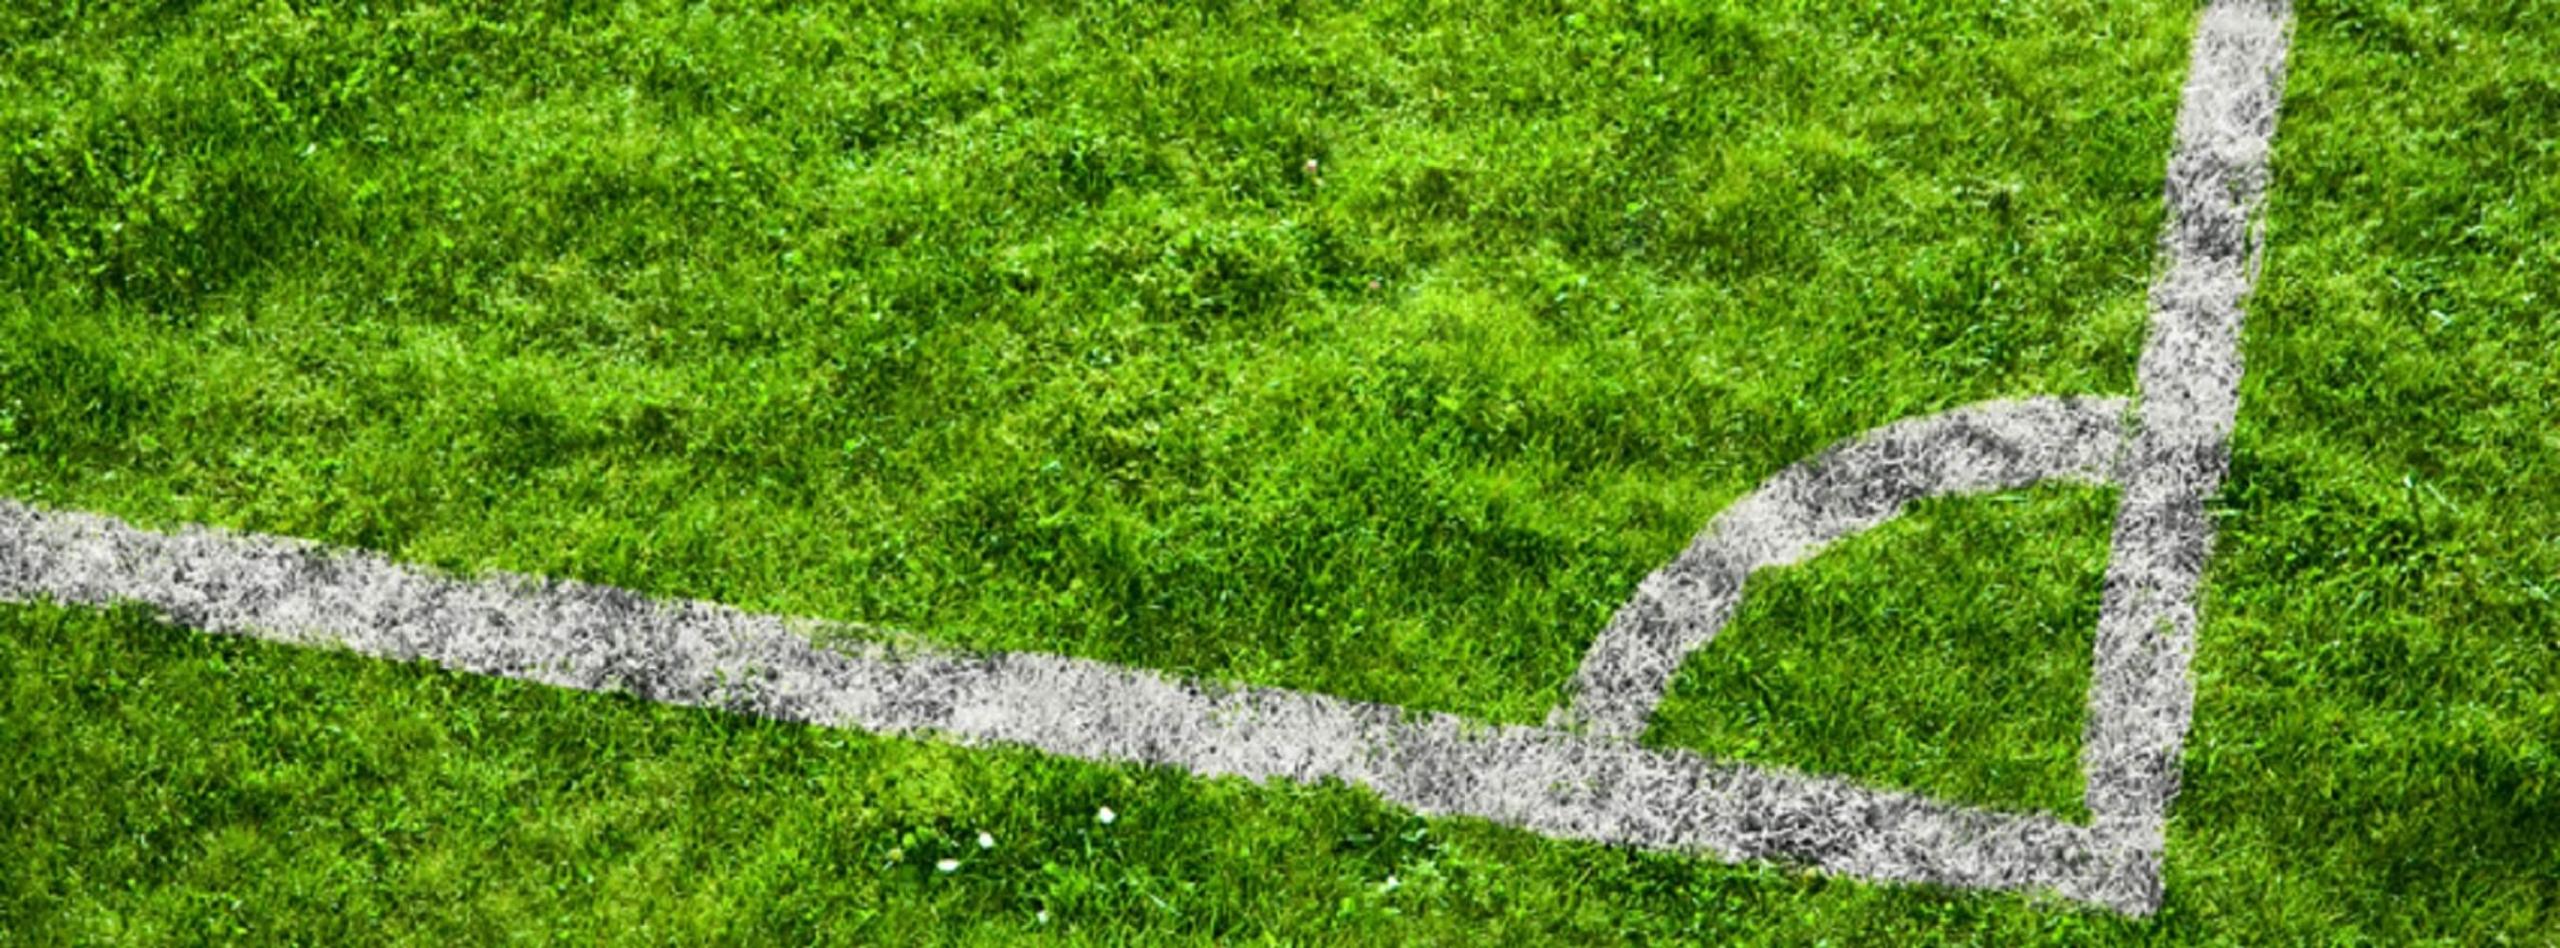 Bóng đá F xem bóng đa trực tiếp  (@bongdafnet) Cover Image